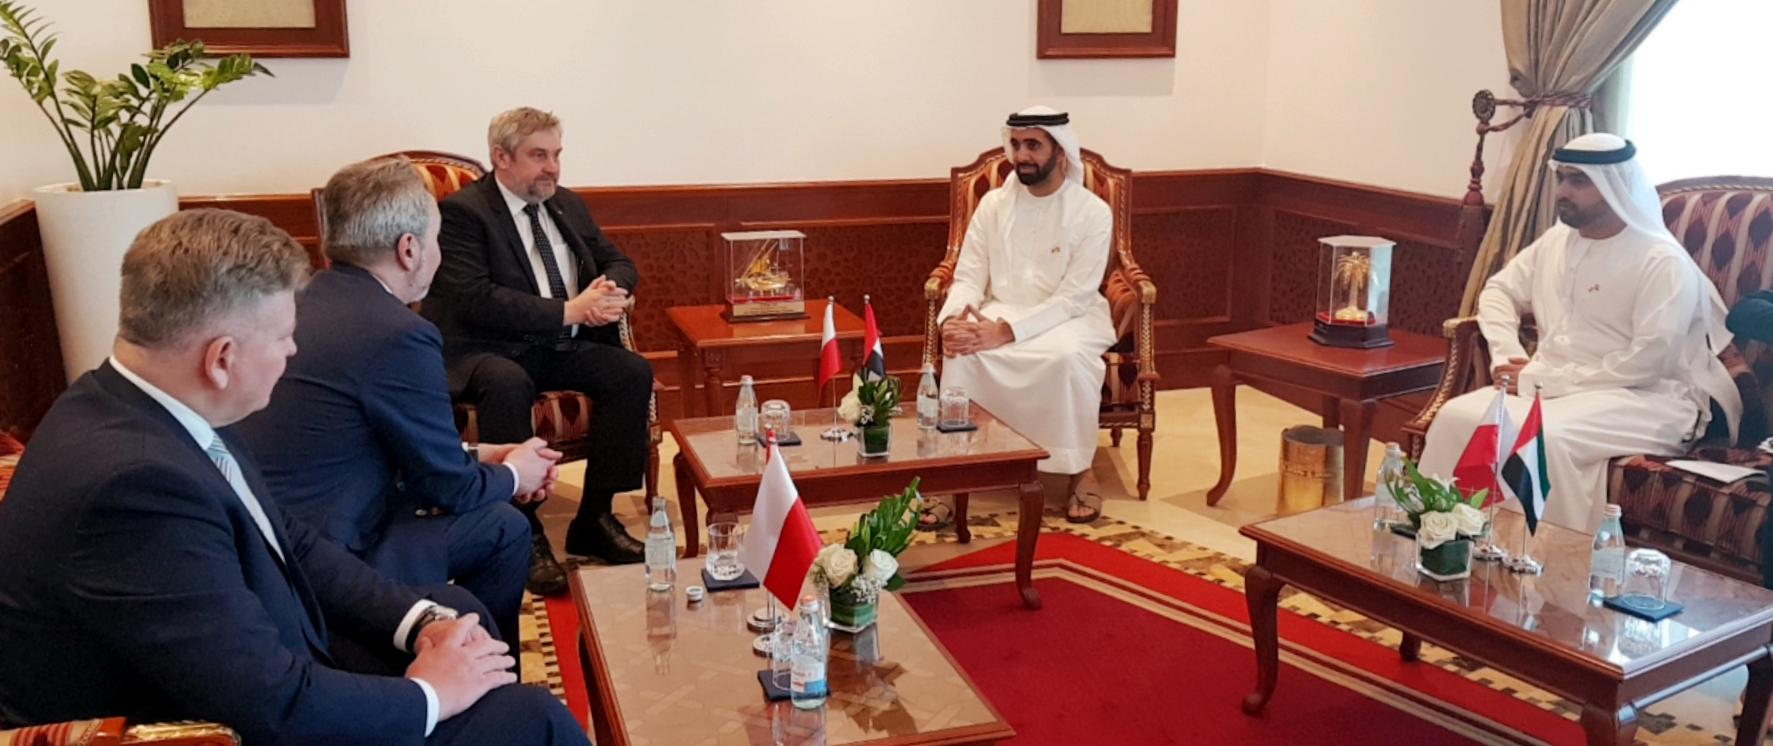 Zjednoczone Emiraty Arabskie – II dzień wizyty